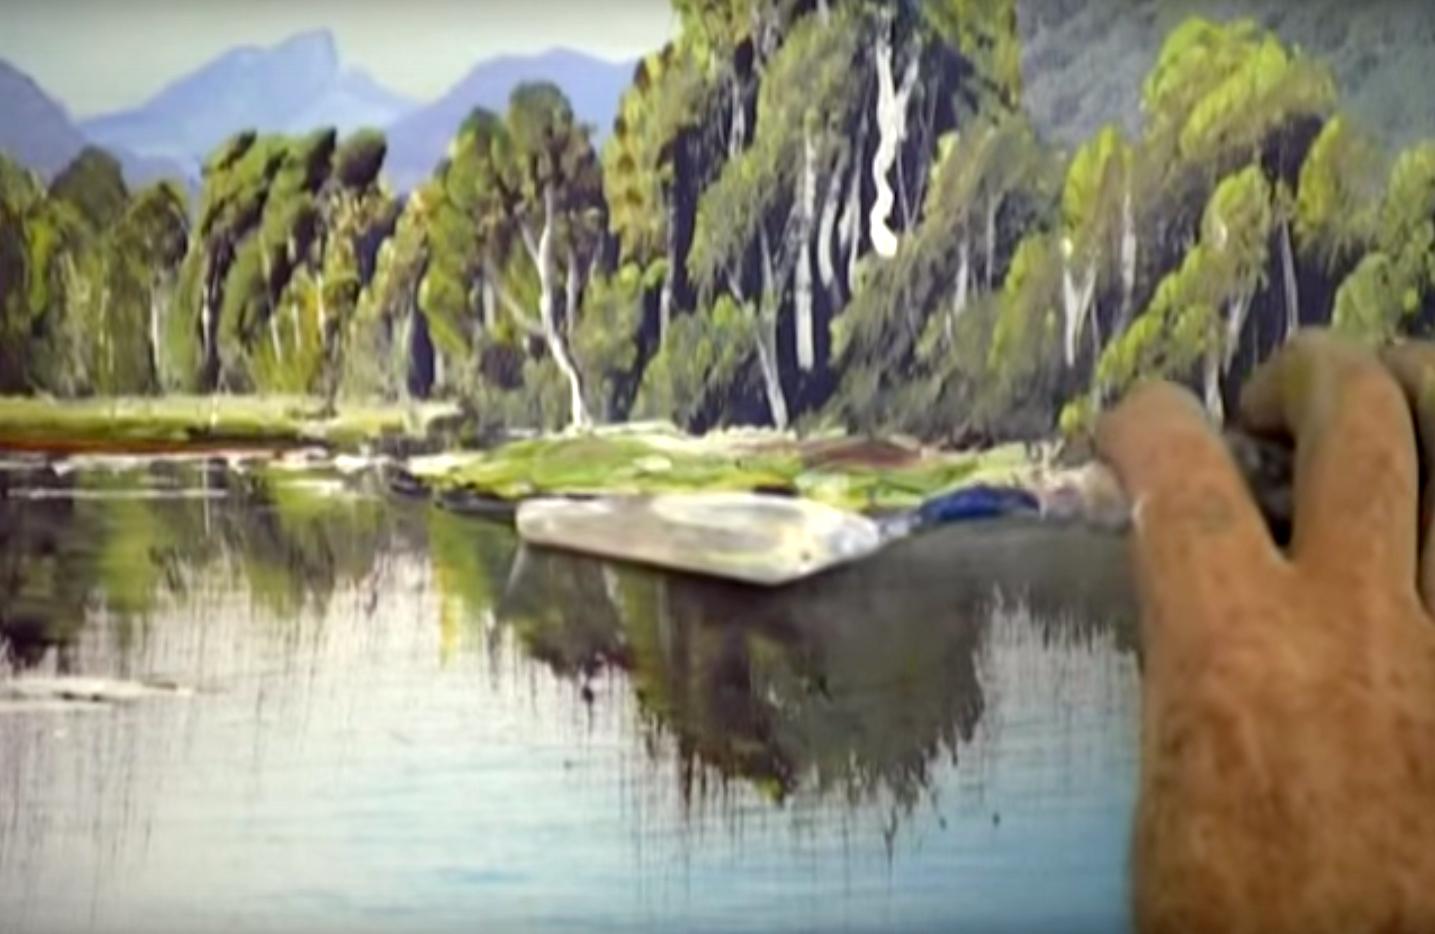 Tecnica per ottenere riflessi realistici nei dipinti di paesaggio con acque di lago o acque quasi ferme